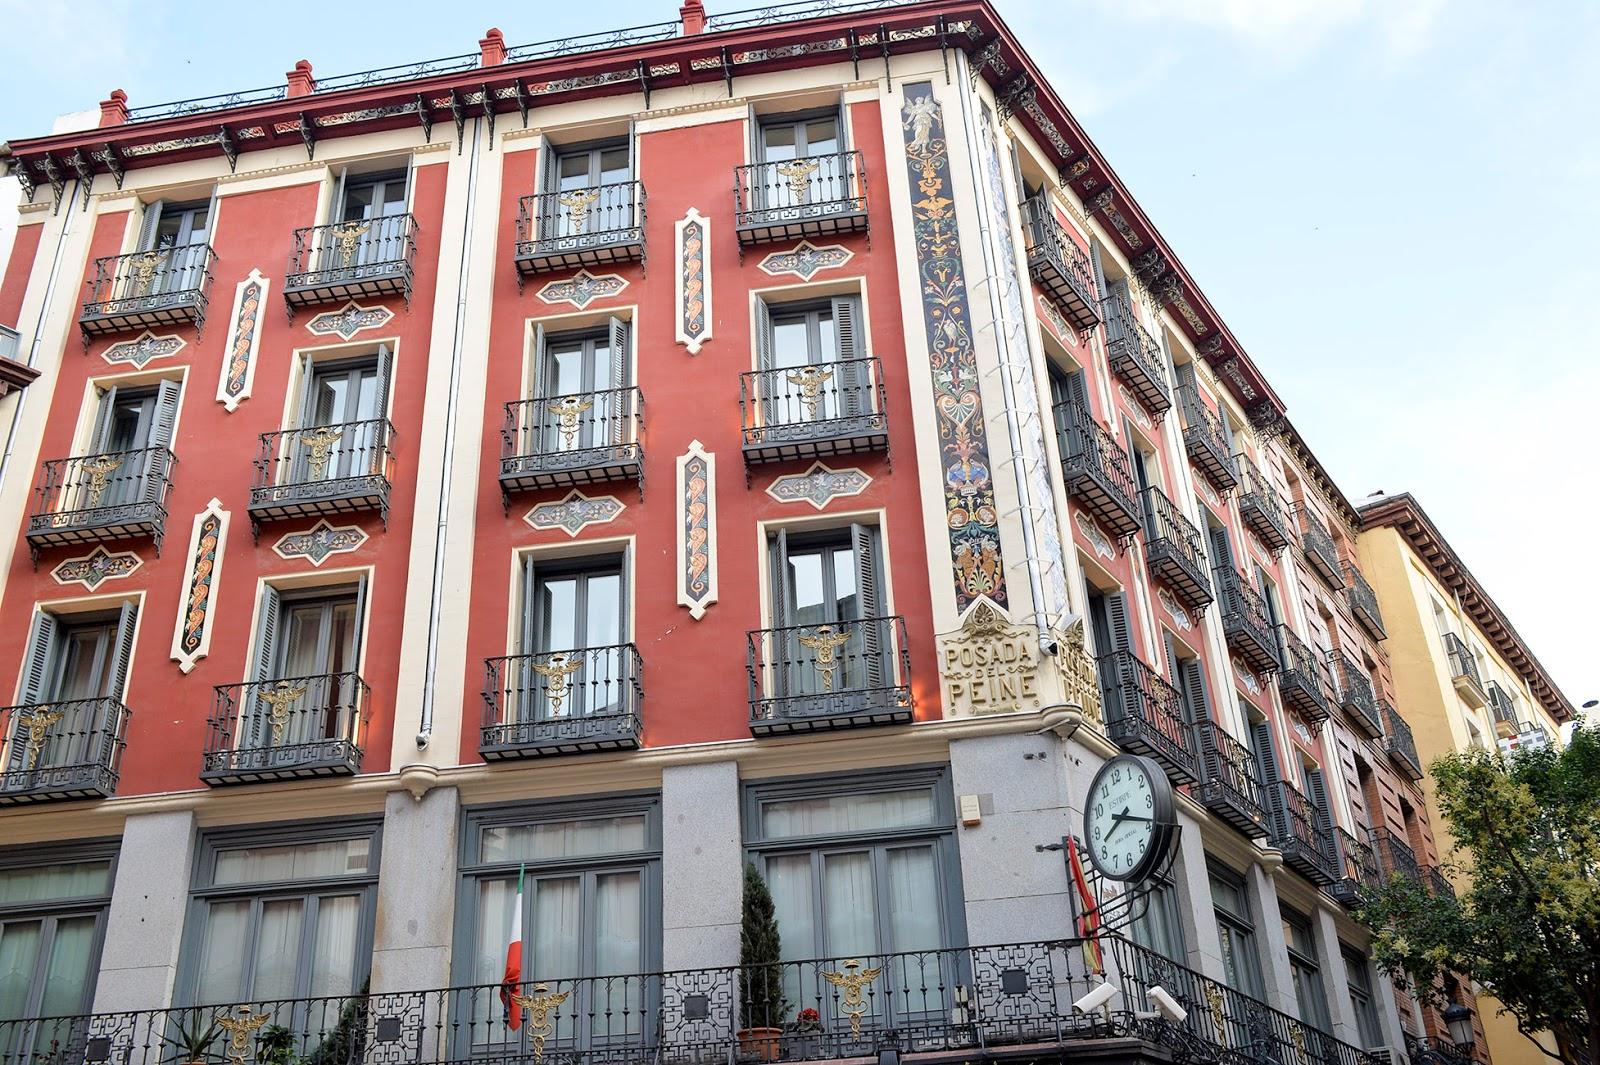 posada del peine hotel madrid landmark